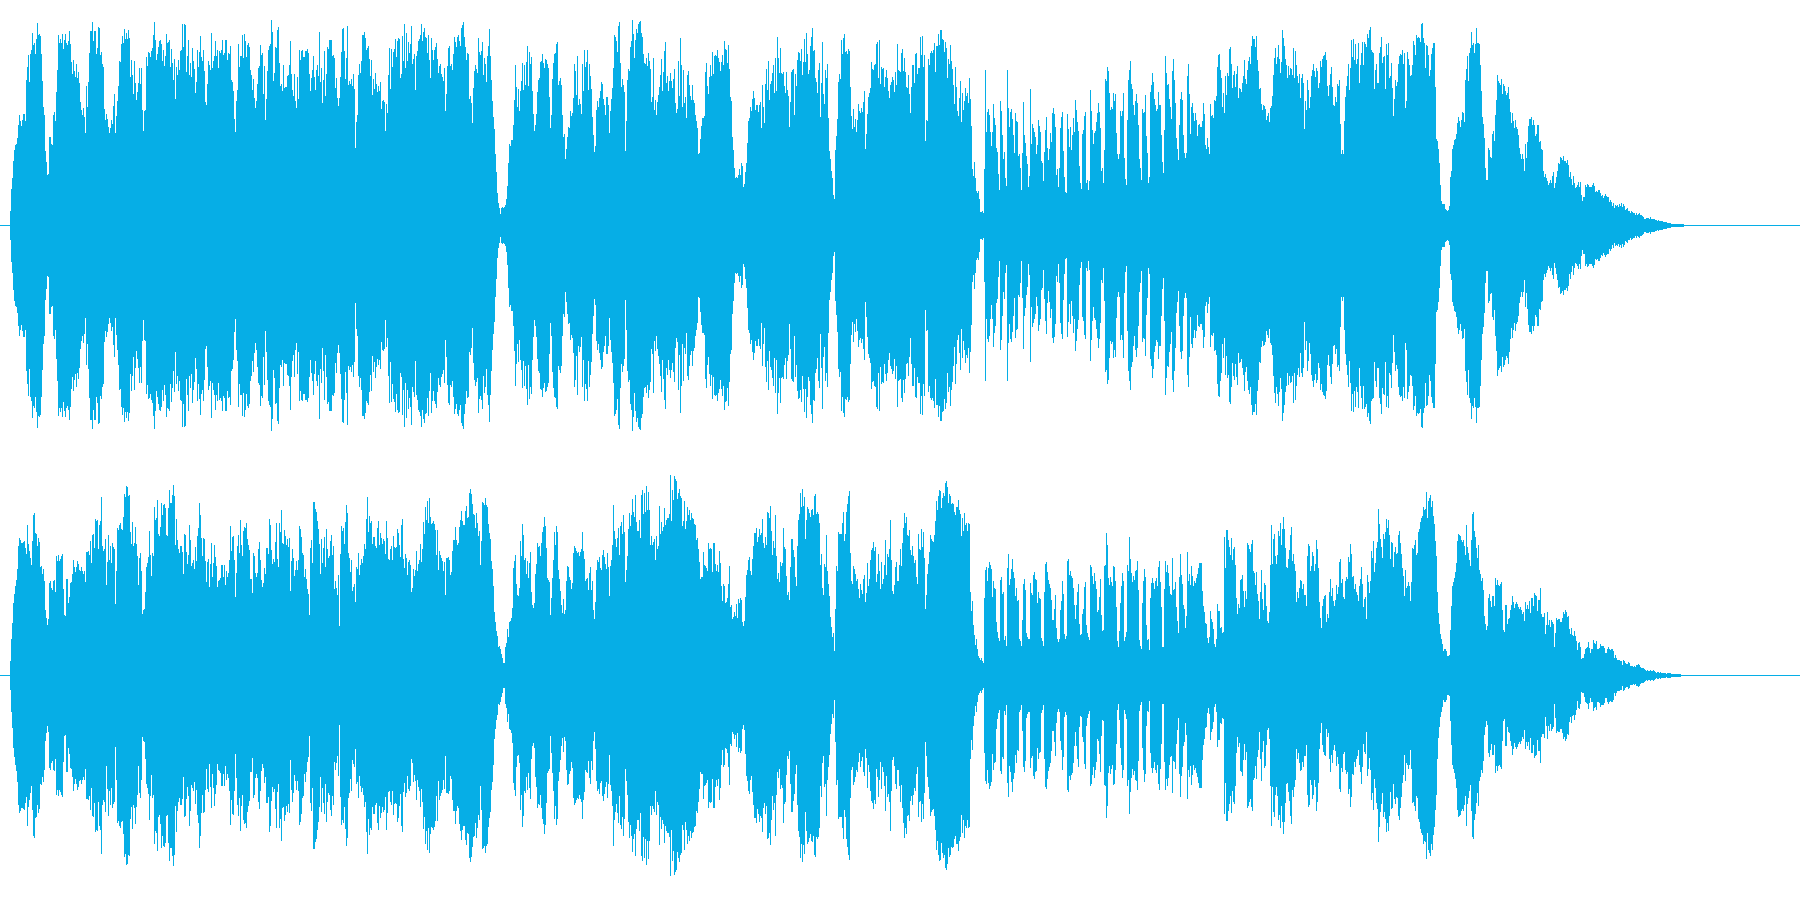 フルート+ストリングス曲_001フルー…の再生済みの波形